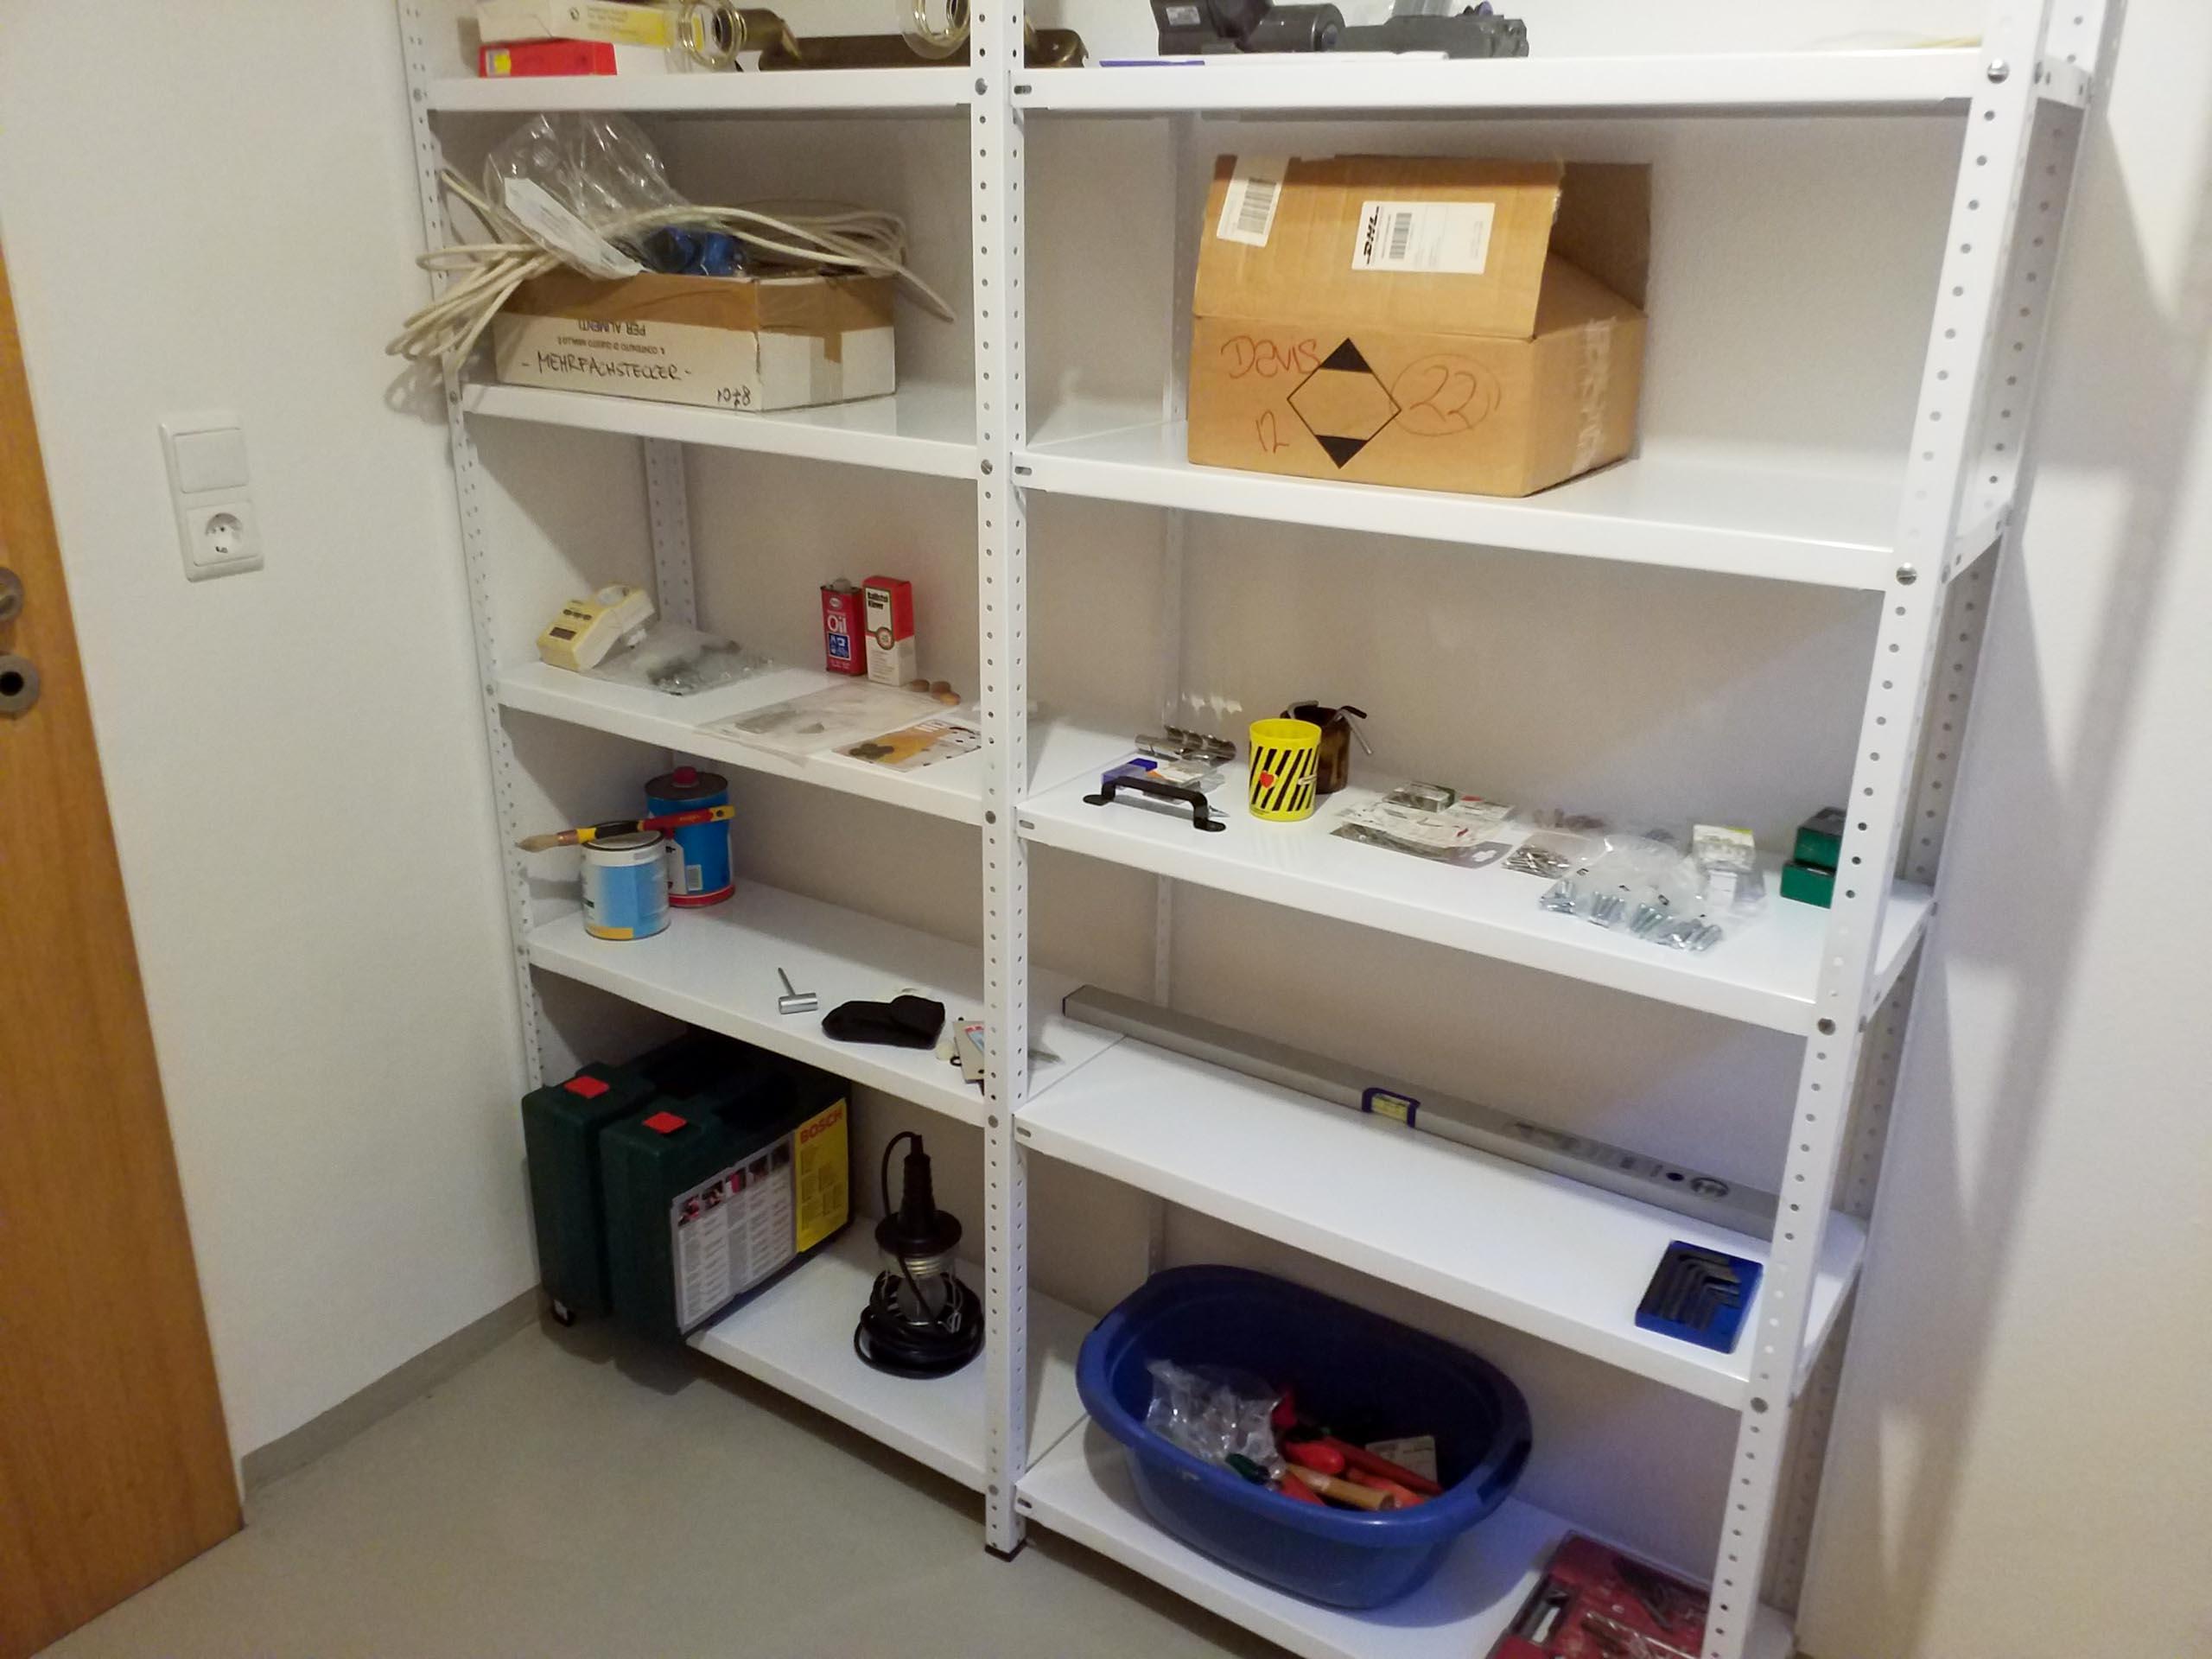 HA 2020 2 tool room 002